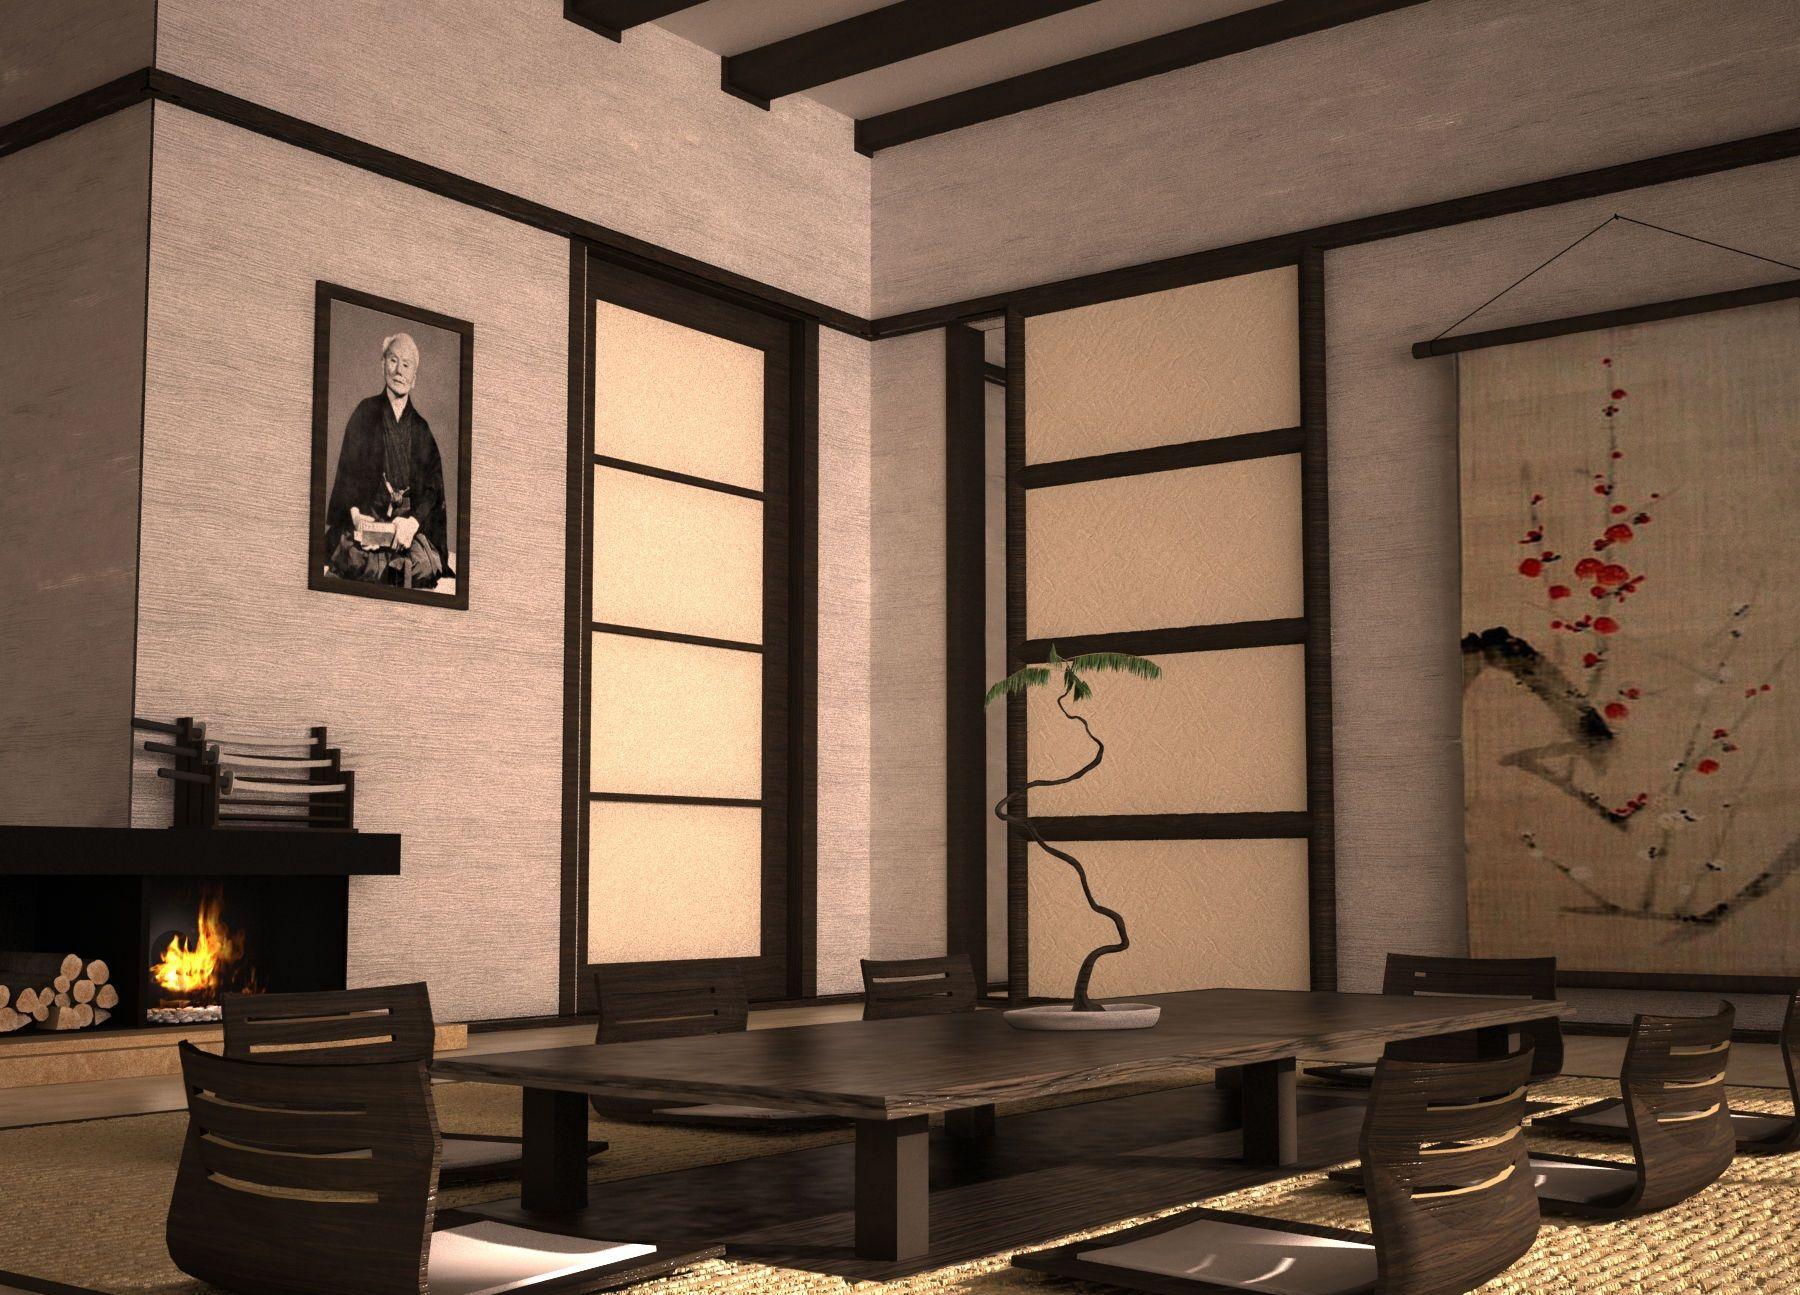 керамической плитки фото квартир с японским дизайном бороться болезнями, какие